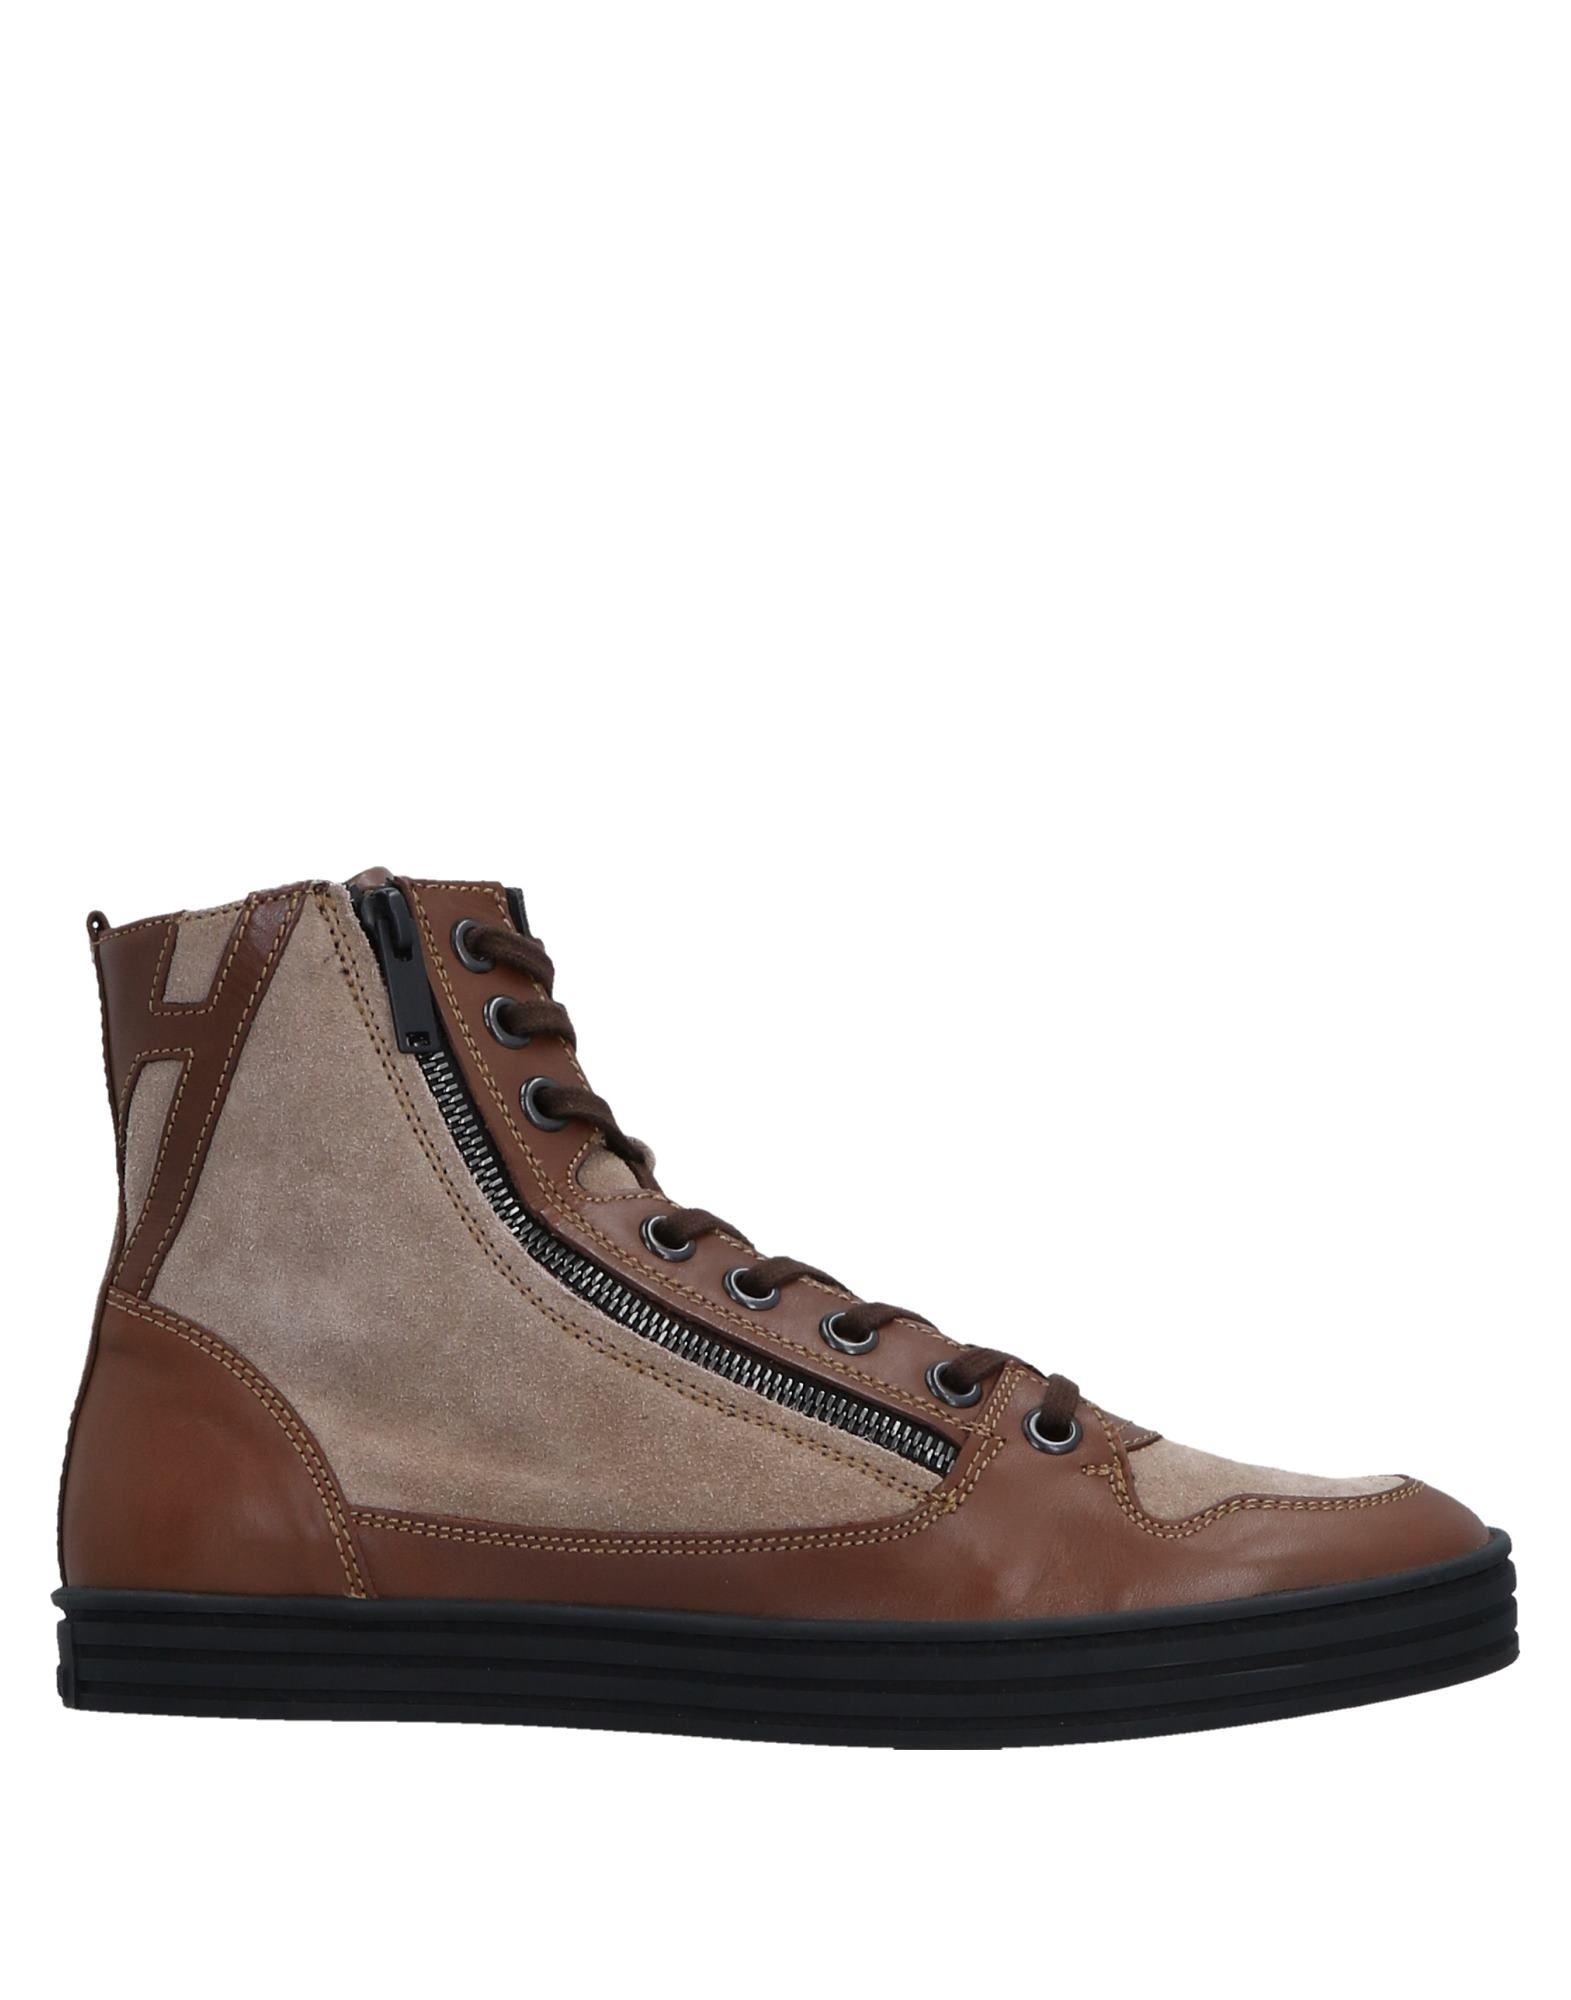 HOGAN REBEL Boots in Dove Grey